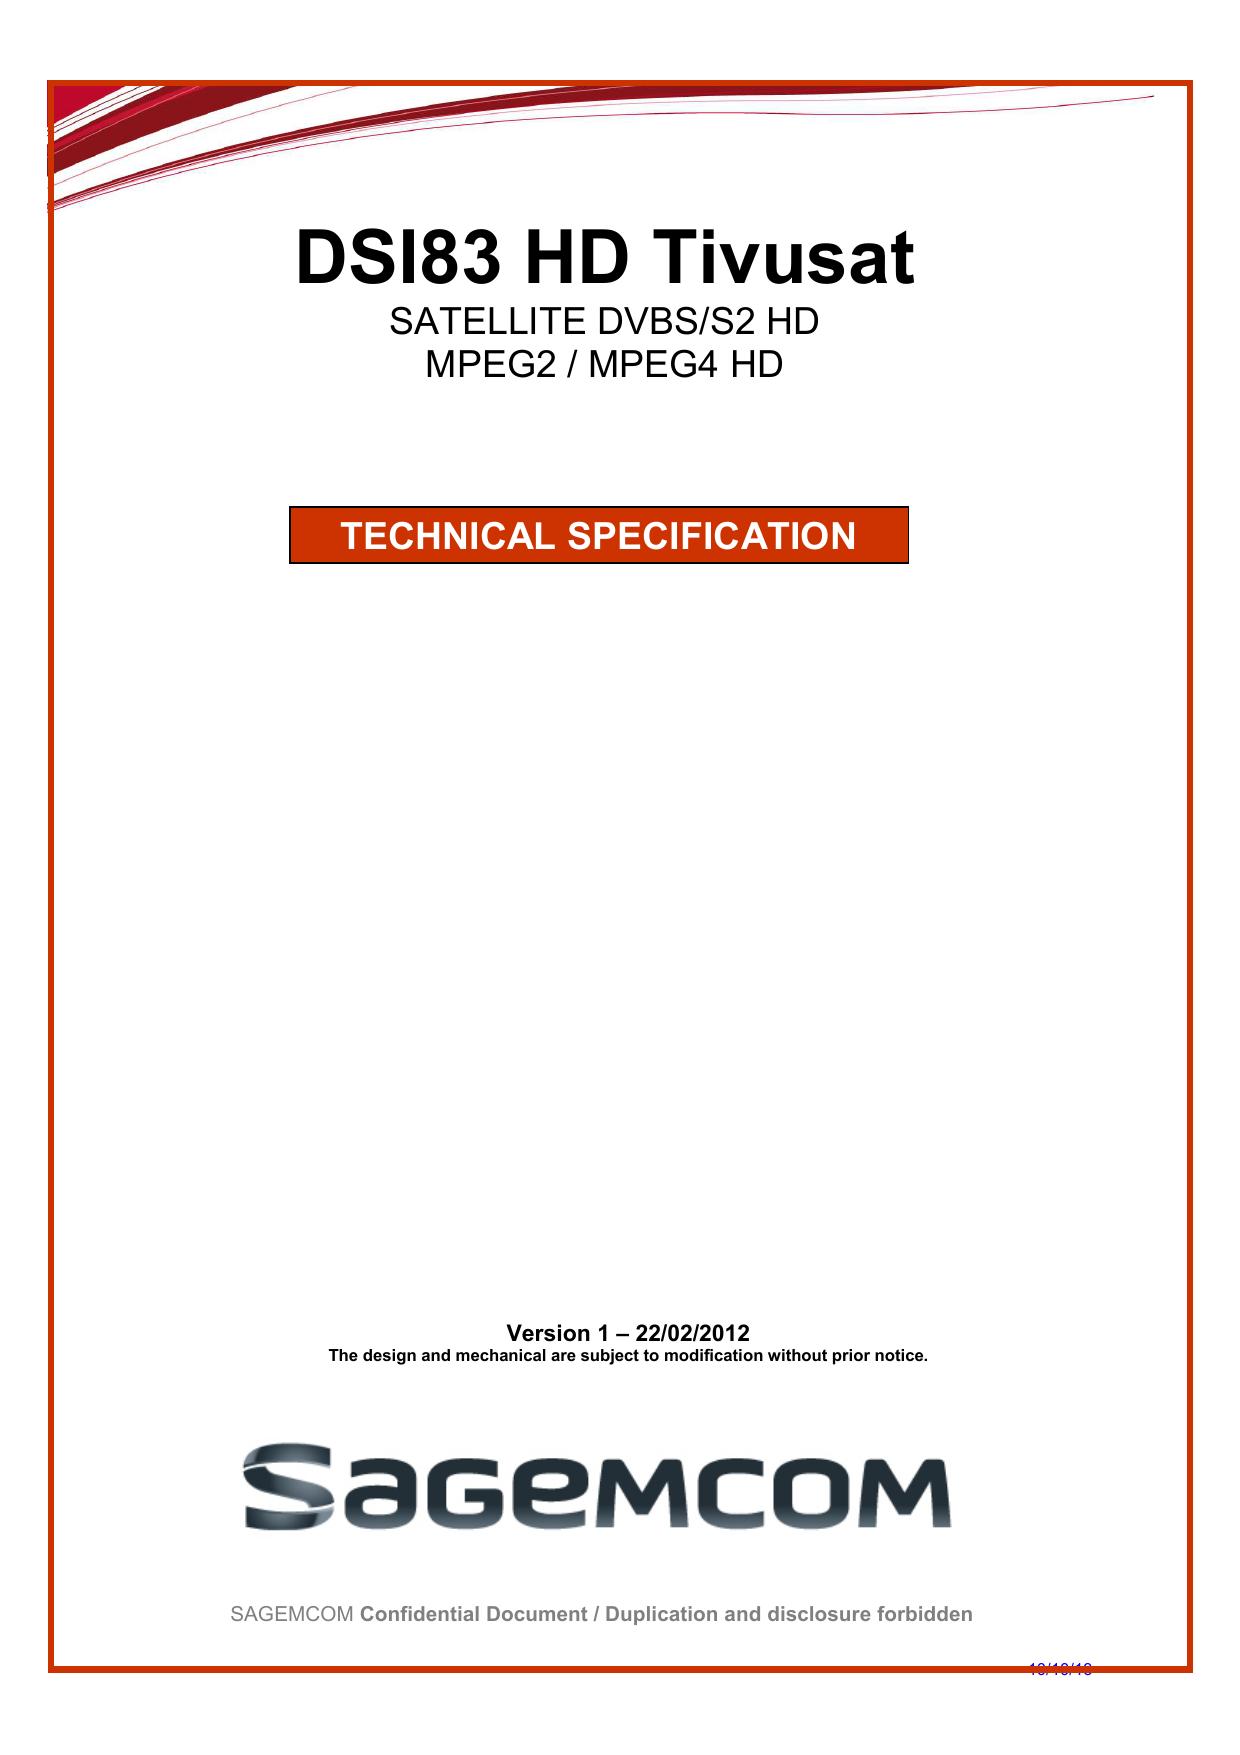 DSI83 HD Tivusat | manualzz com